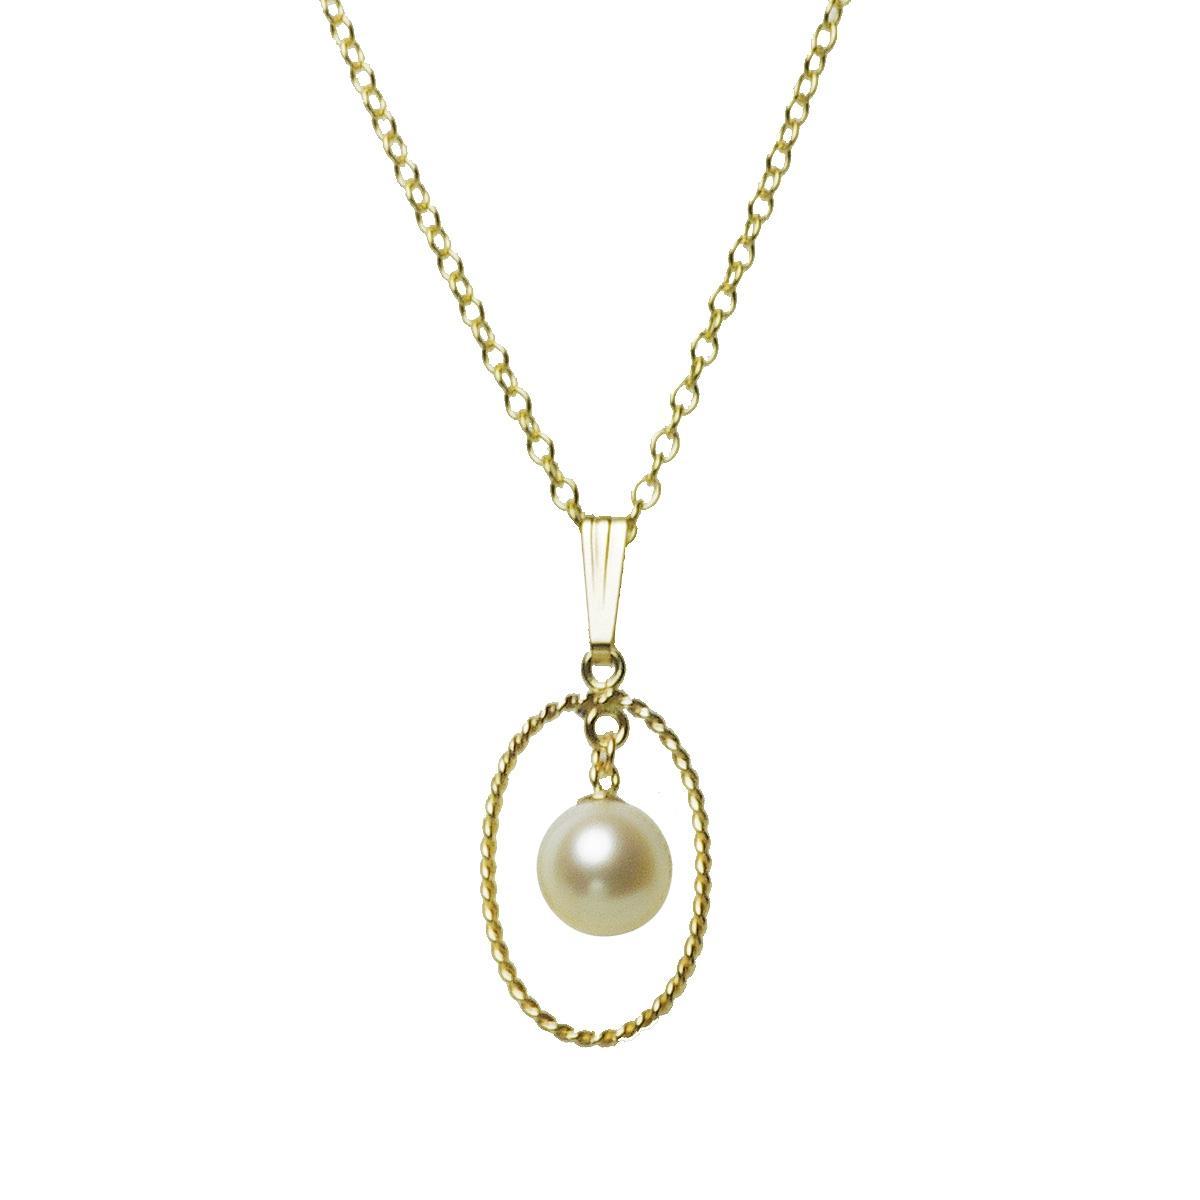 淡水 真珠 パール ラインサークル 一粒 ペンダント 7mm 14金 ゴールドフィールド K14GF ギフト プレゼントの写真